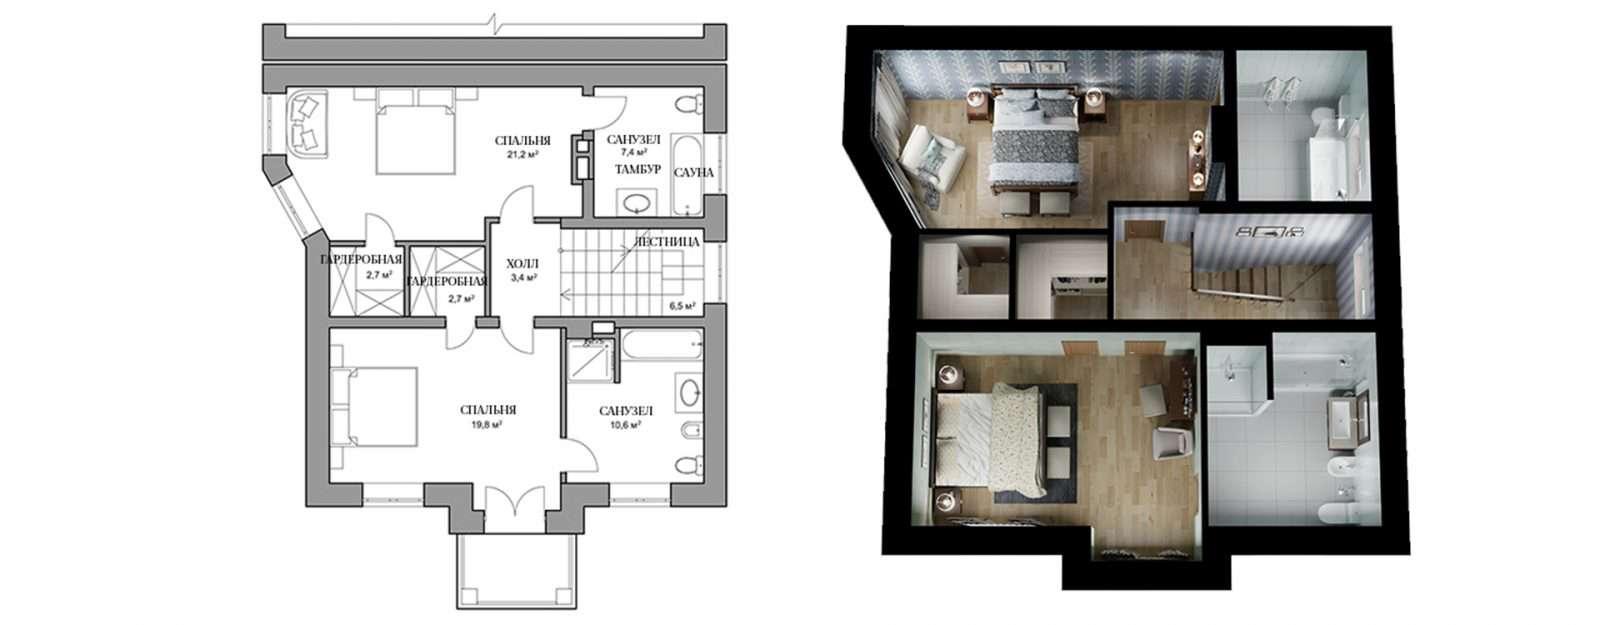 Дуплекс «Глория» - план второго этажа